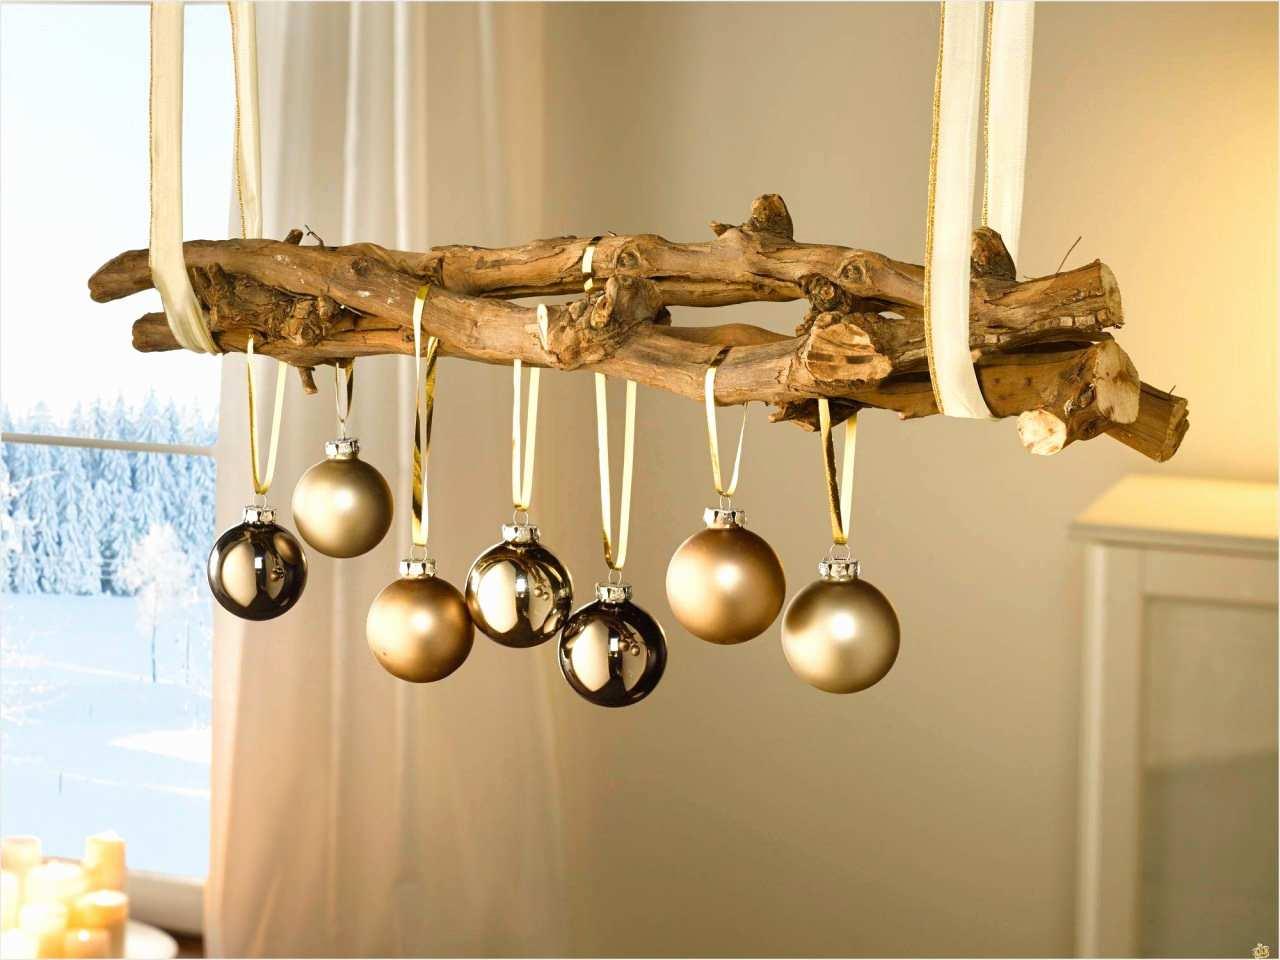 wanddekoration selber machen reizend weihnachtsdeko aus holz luxus wanddeko selber machen holz of wanddekoration selber machen